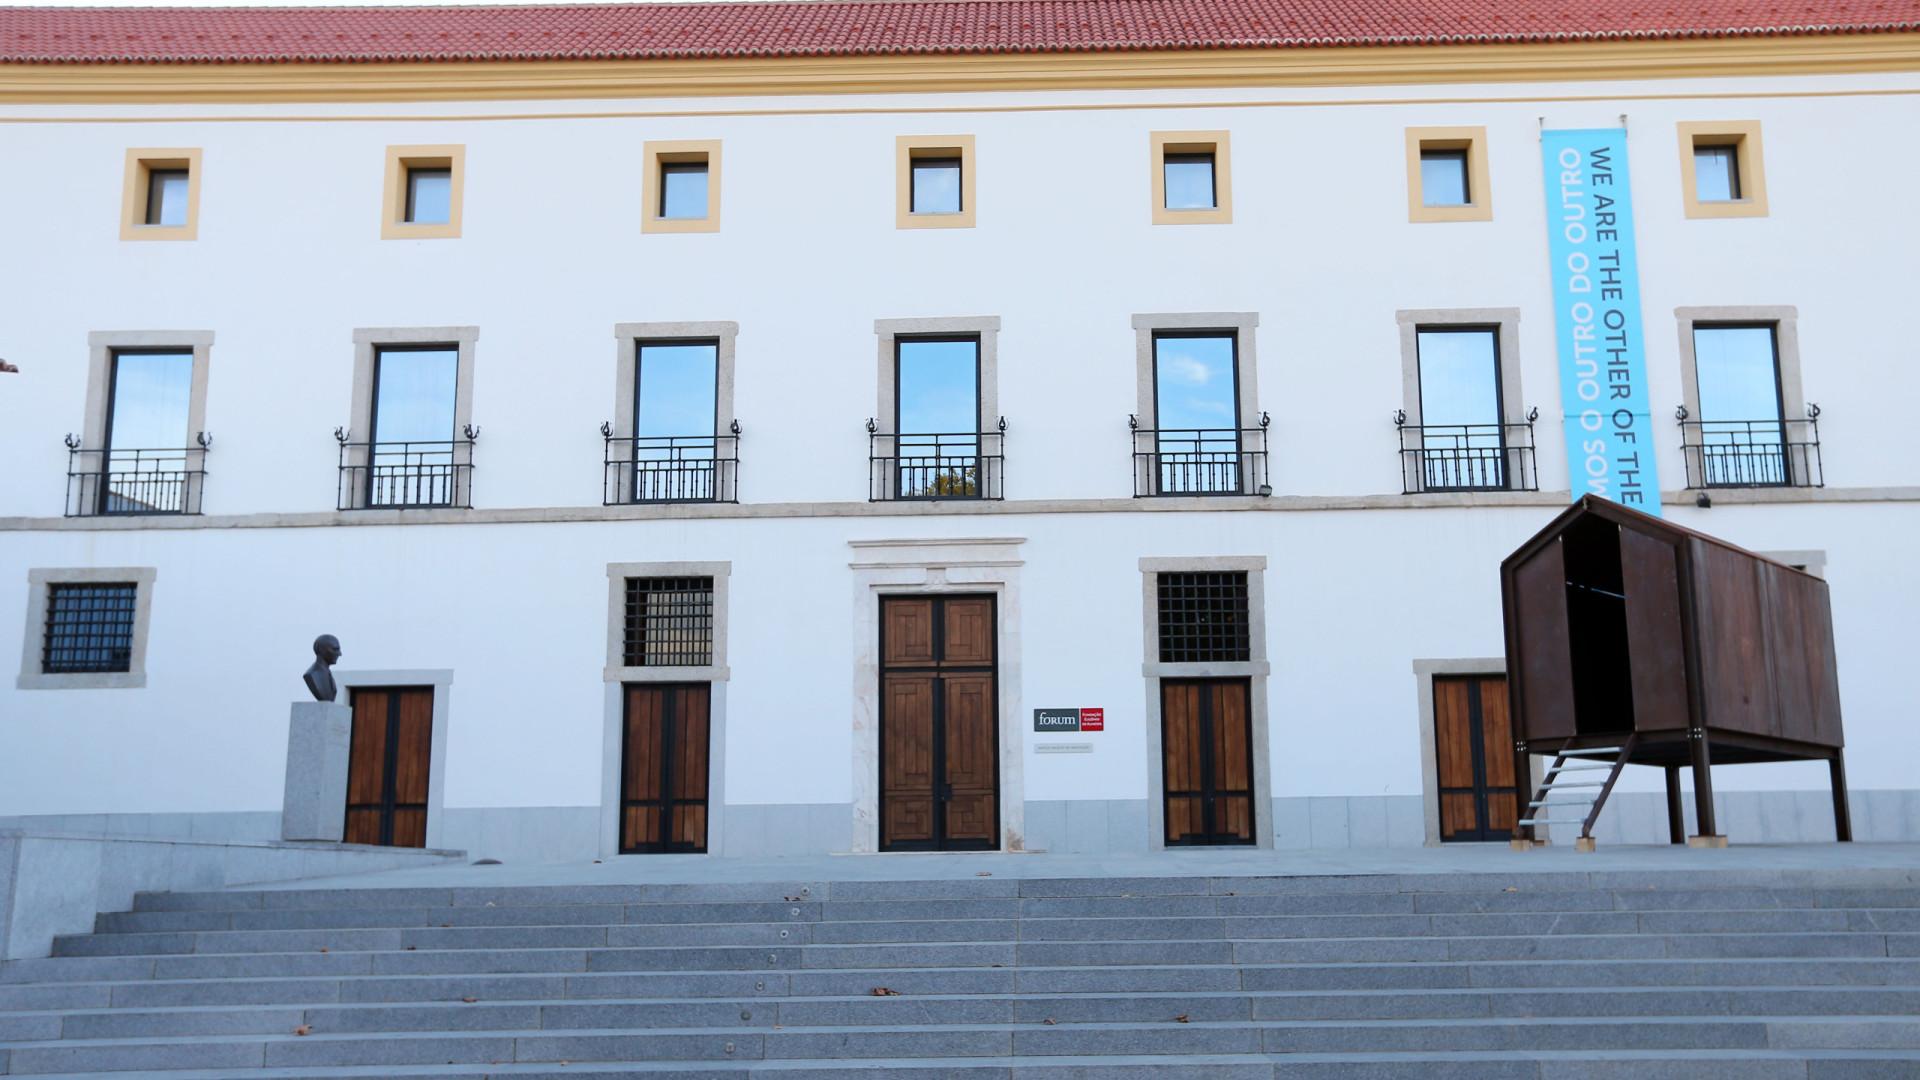 Peças de 18 mulheres abrem temporada do Centro de Arte e Cultura em Évora